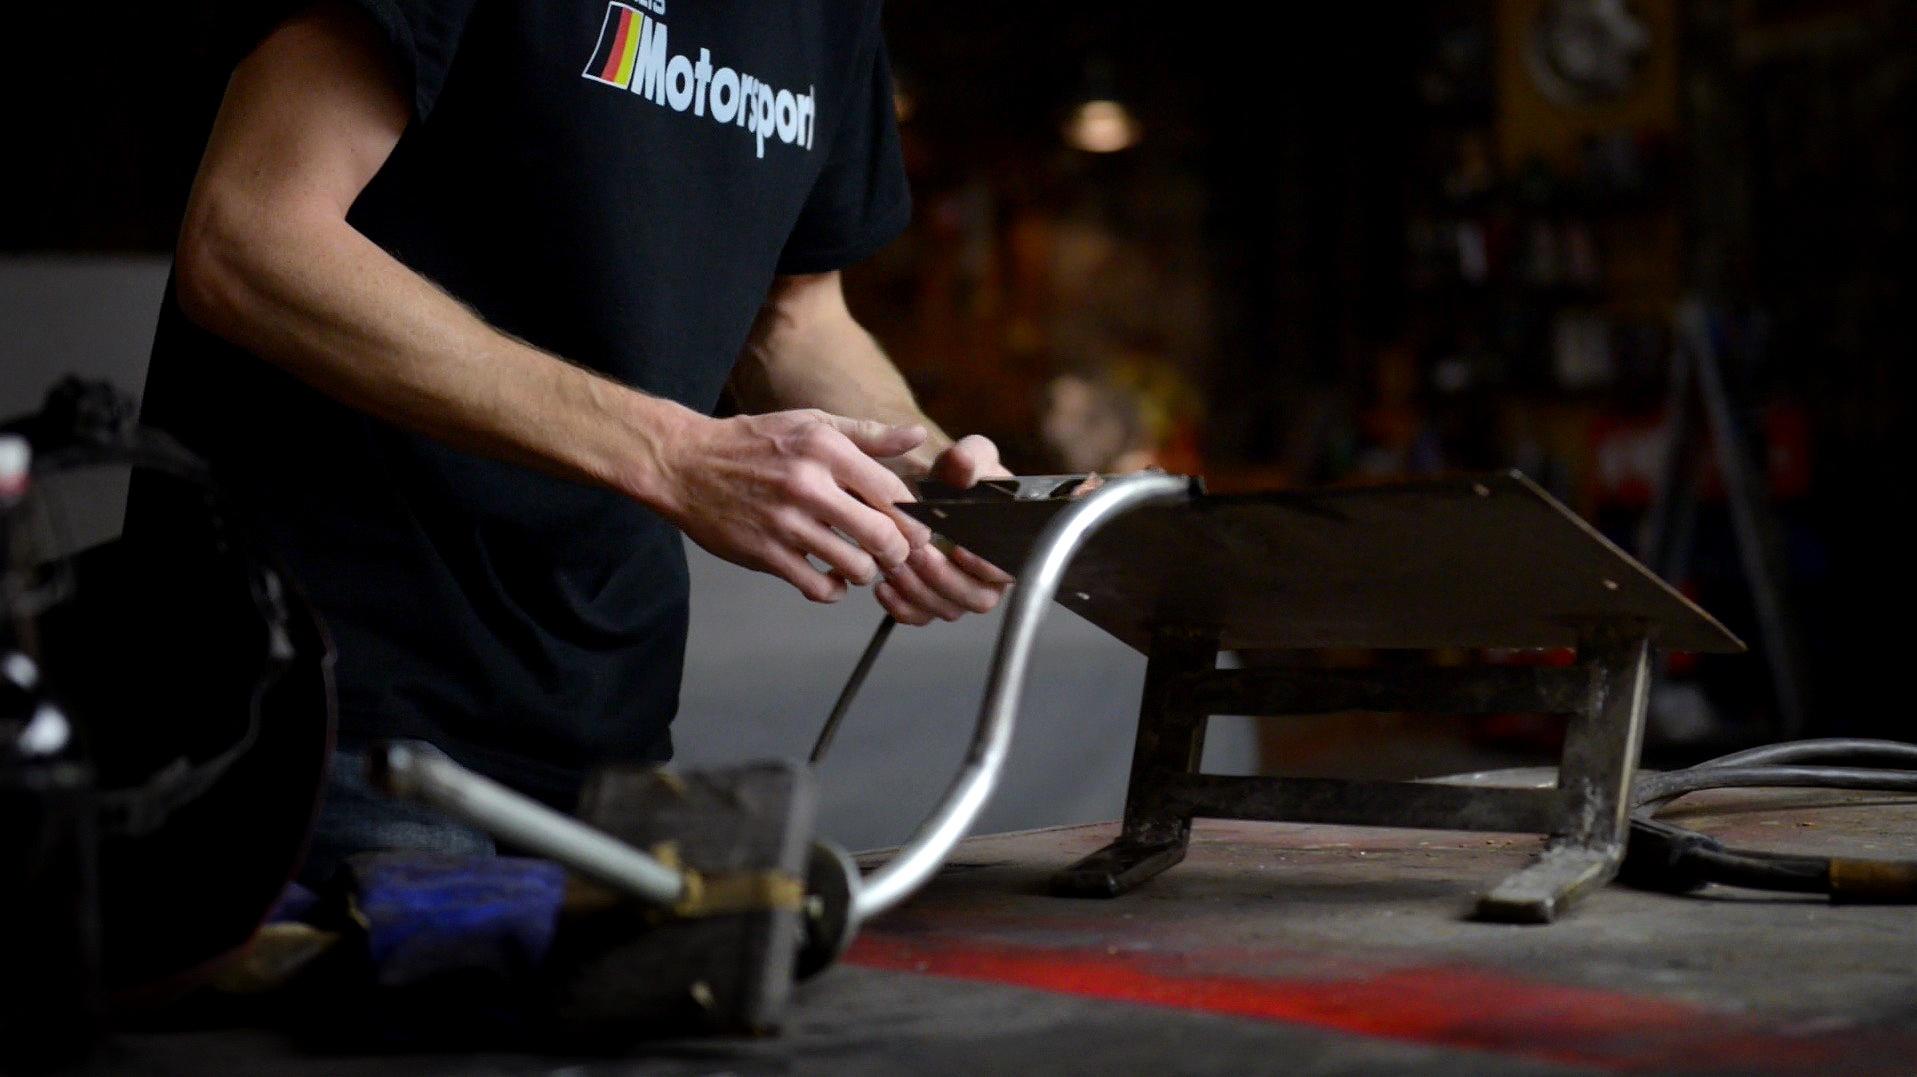 Clamping Metal